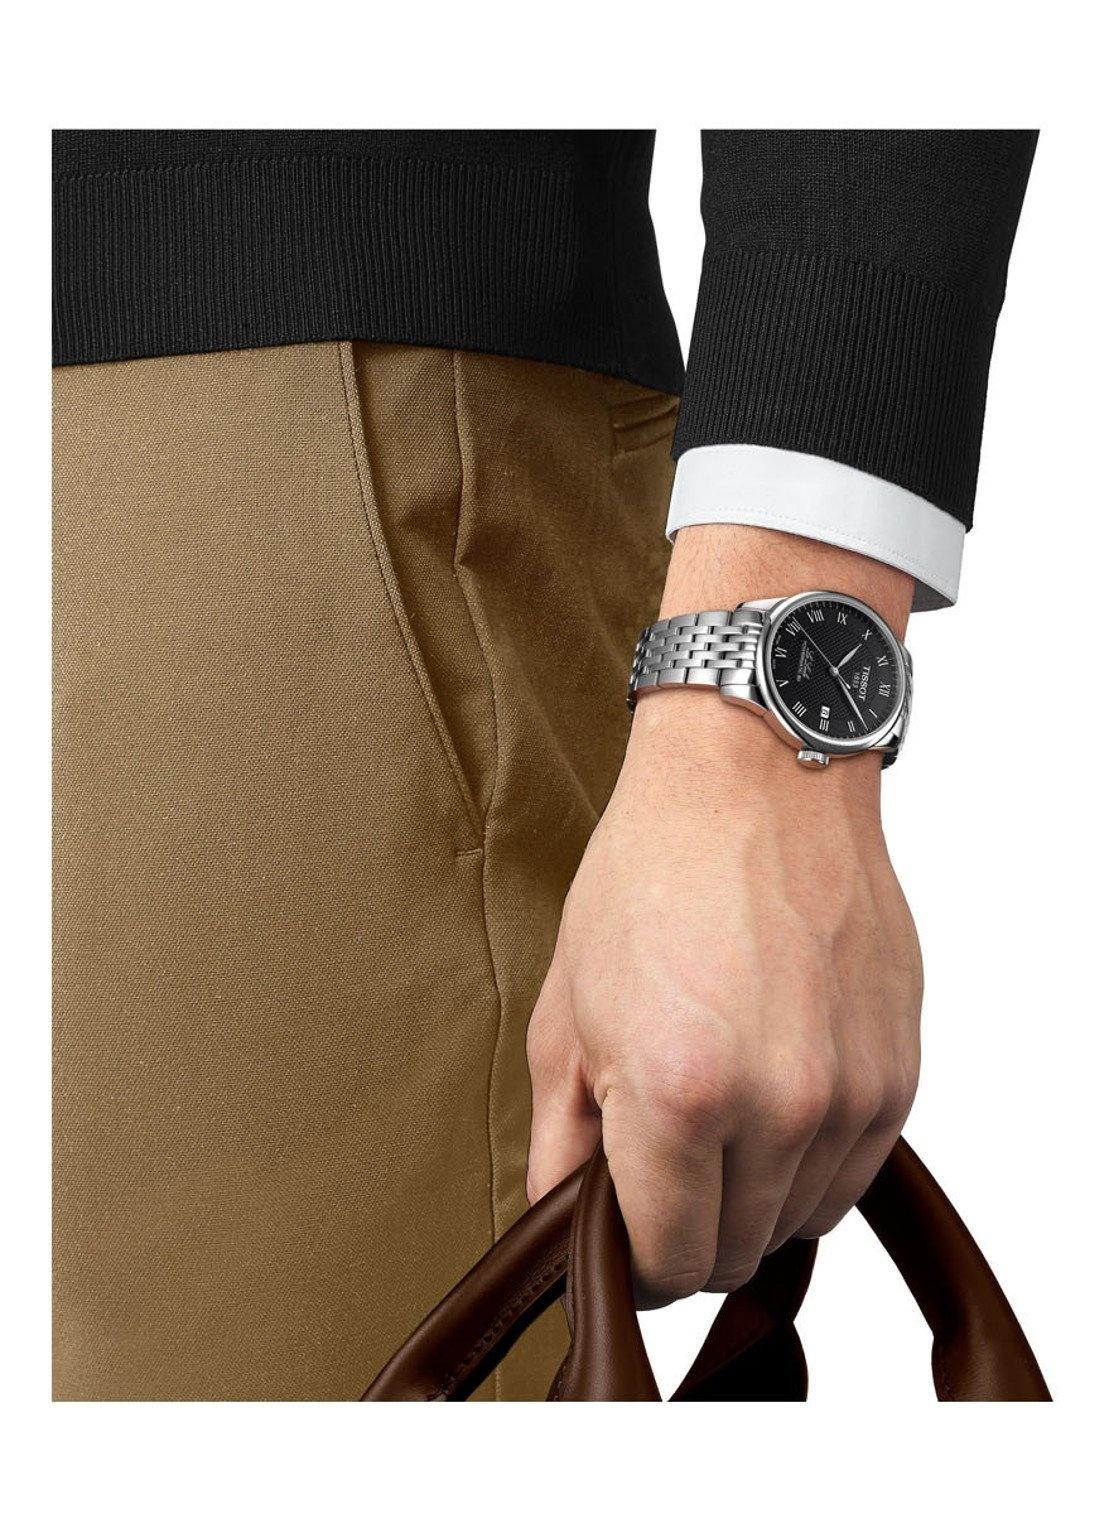 Tissot -  Horloge Heren - Le Locle  -  T0064071105300-2